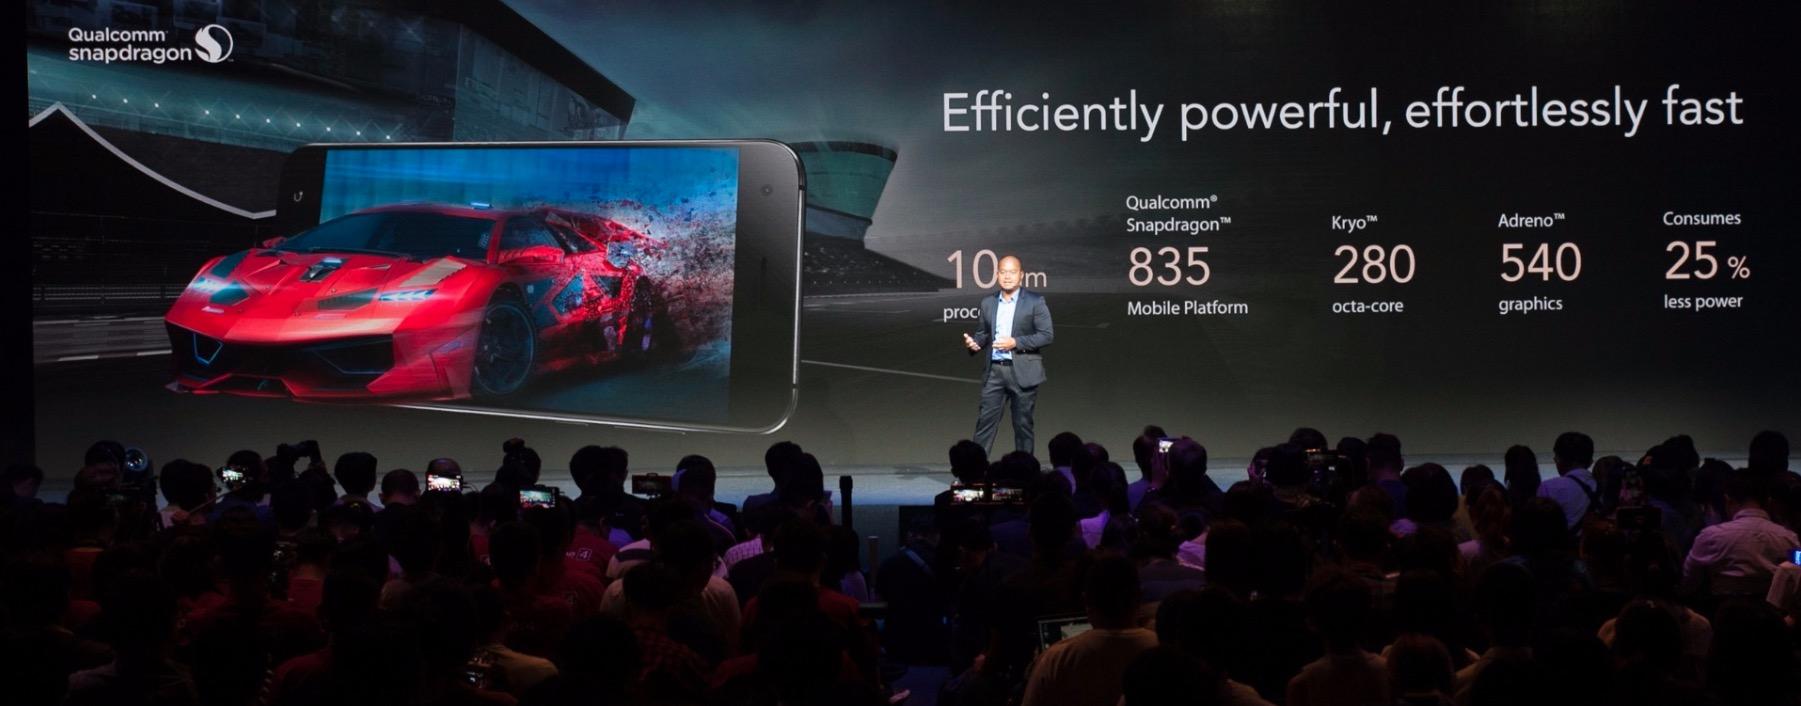 ASUS ZenFone 4 Pro hero